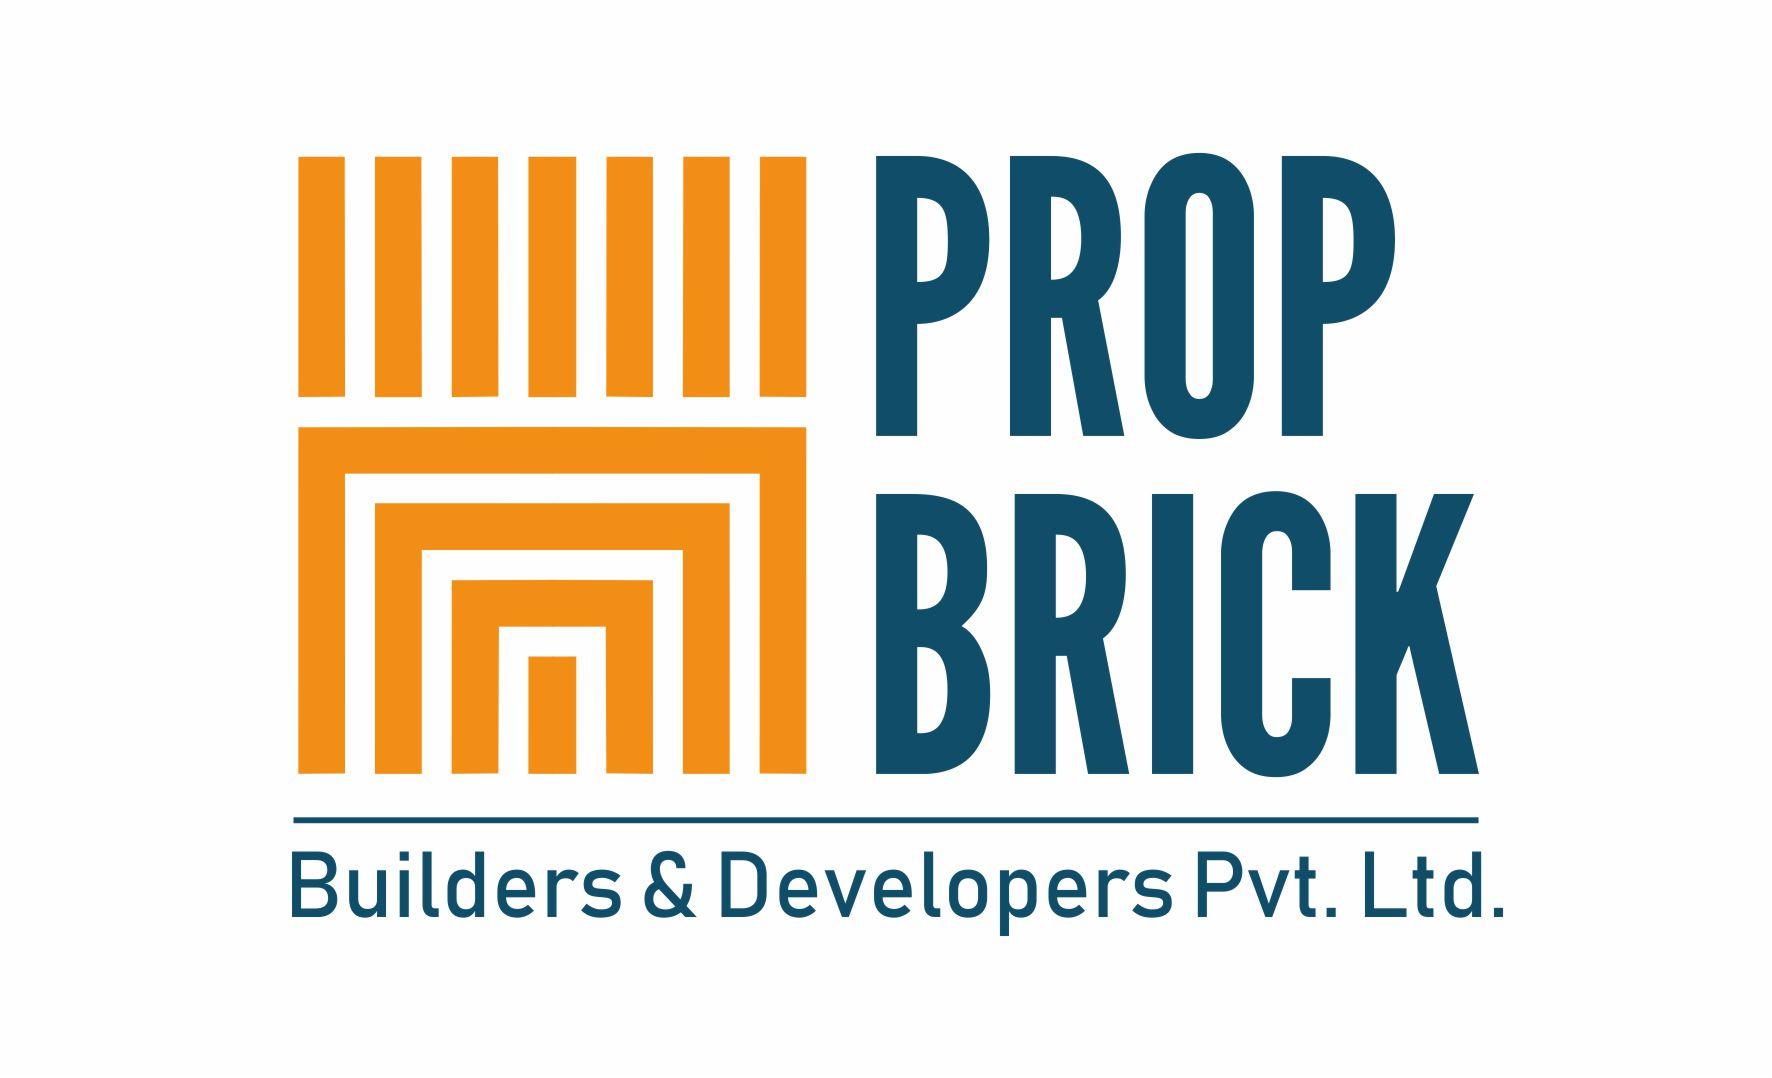 PropBrick in builders